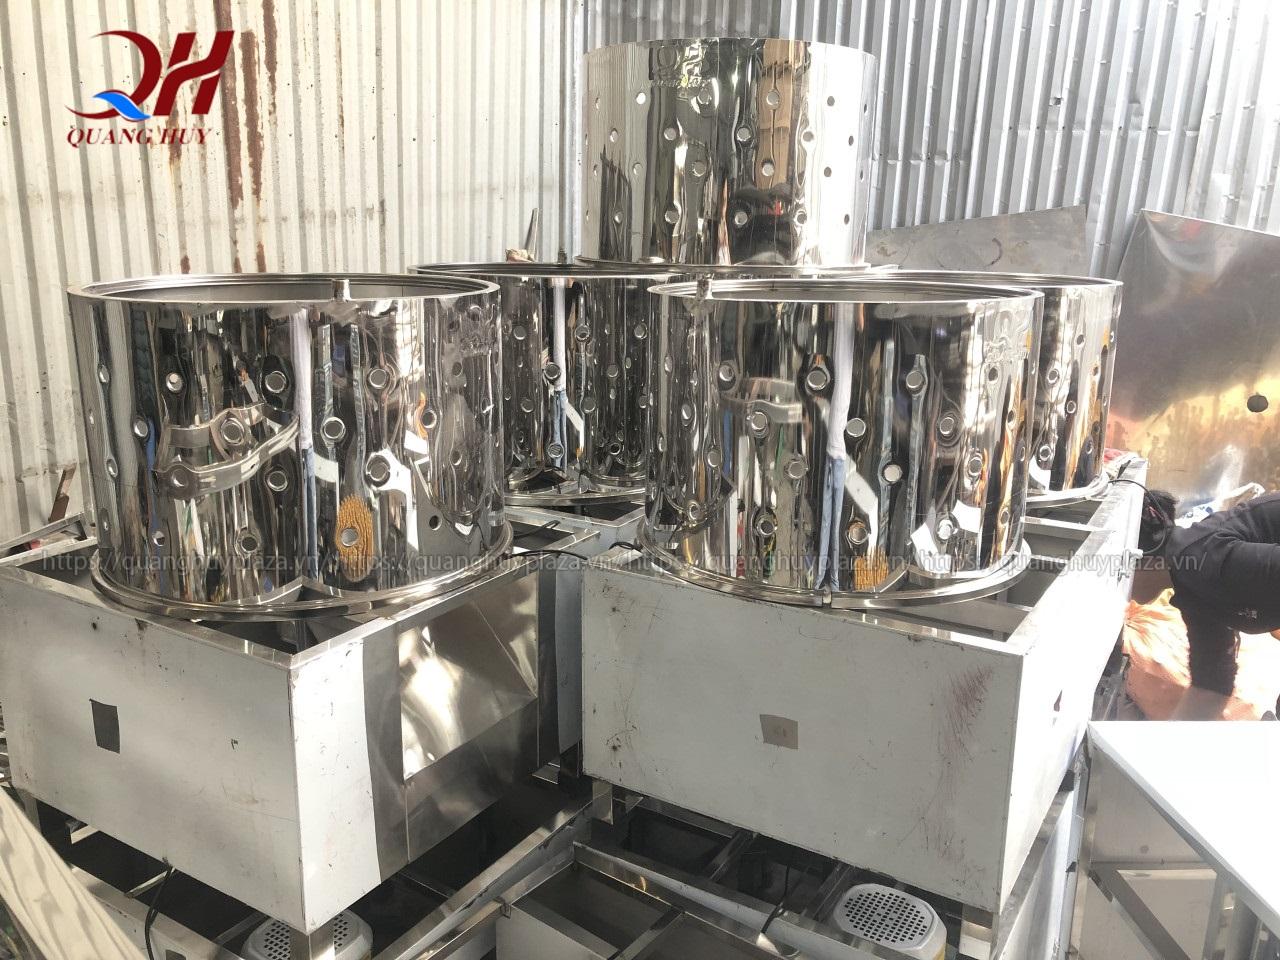 Quang Huy là công ty hàng đầu về sản xuất máy vặt lông chó